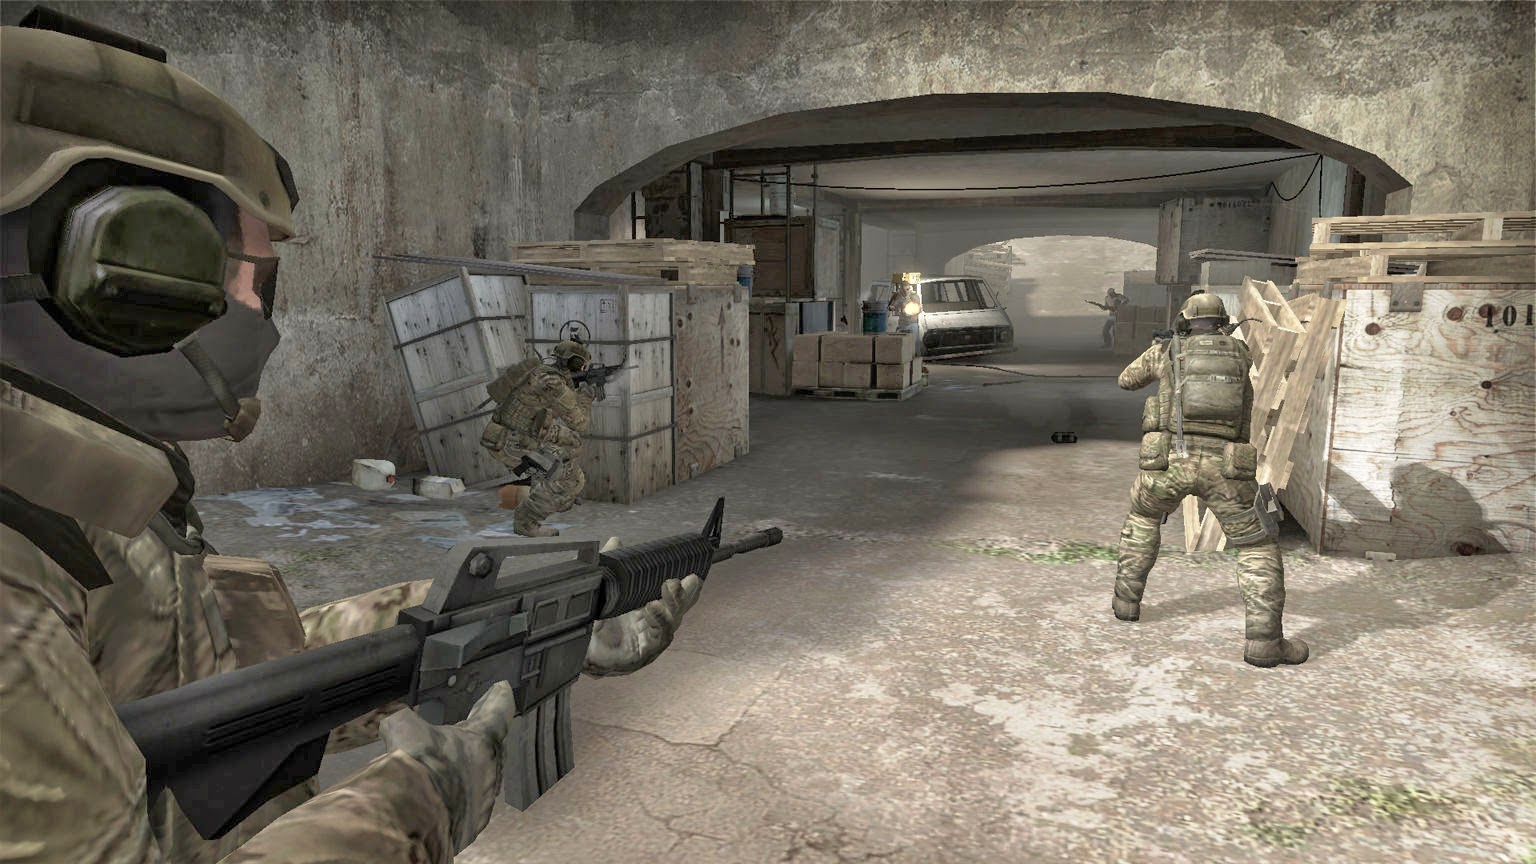 تحميل لعبة الأكشن و الإثارة Counter-Strike Global Offensive Ss_9db552fd461722f1569e3292d8f2ea654c8ffdef.1920x1080